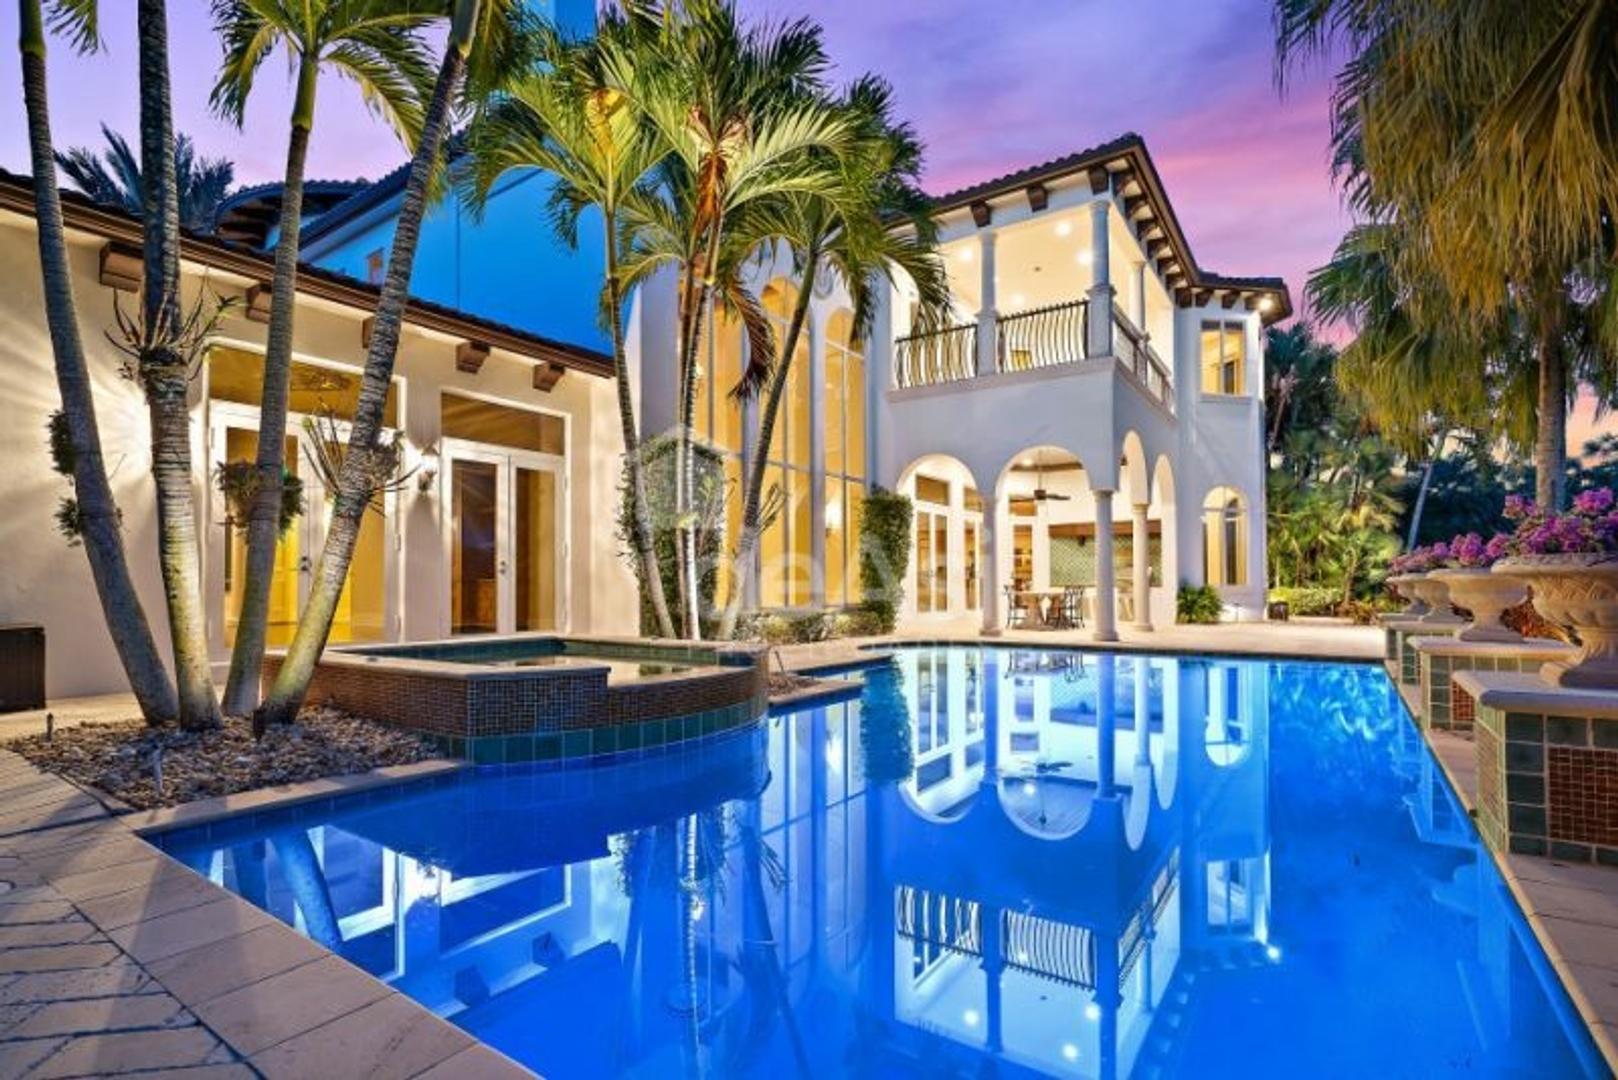 XINTEL(MDA-MDA-1273) Casa - Venta - Estados Unidos, Estados Unidos - Playa Rienta Way, Palm Beach...